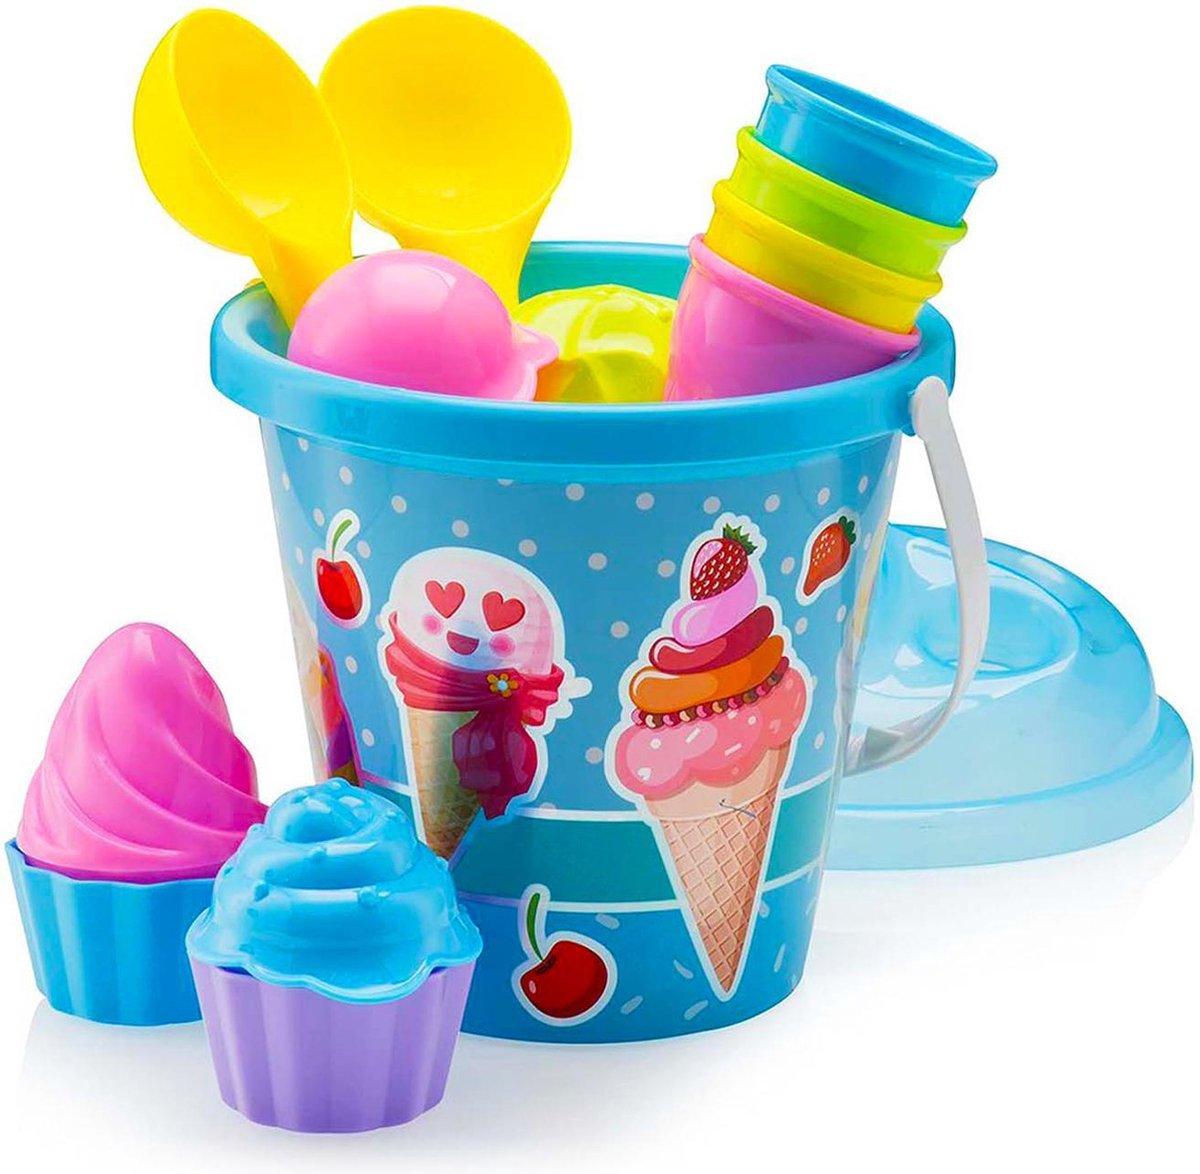 Buxibo 10 Delige IJS Strand/Zandbak Speelgoedset - Inclusief Opbergbak - ijsvormpjes/Zandbakspeeltjes/Strandspeelgoed/Strandset